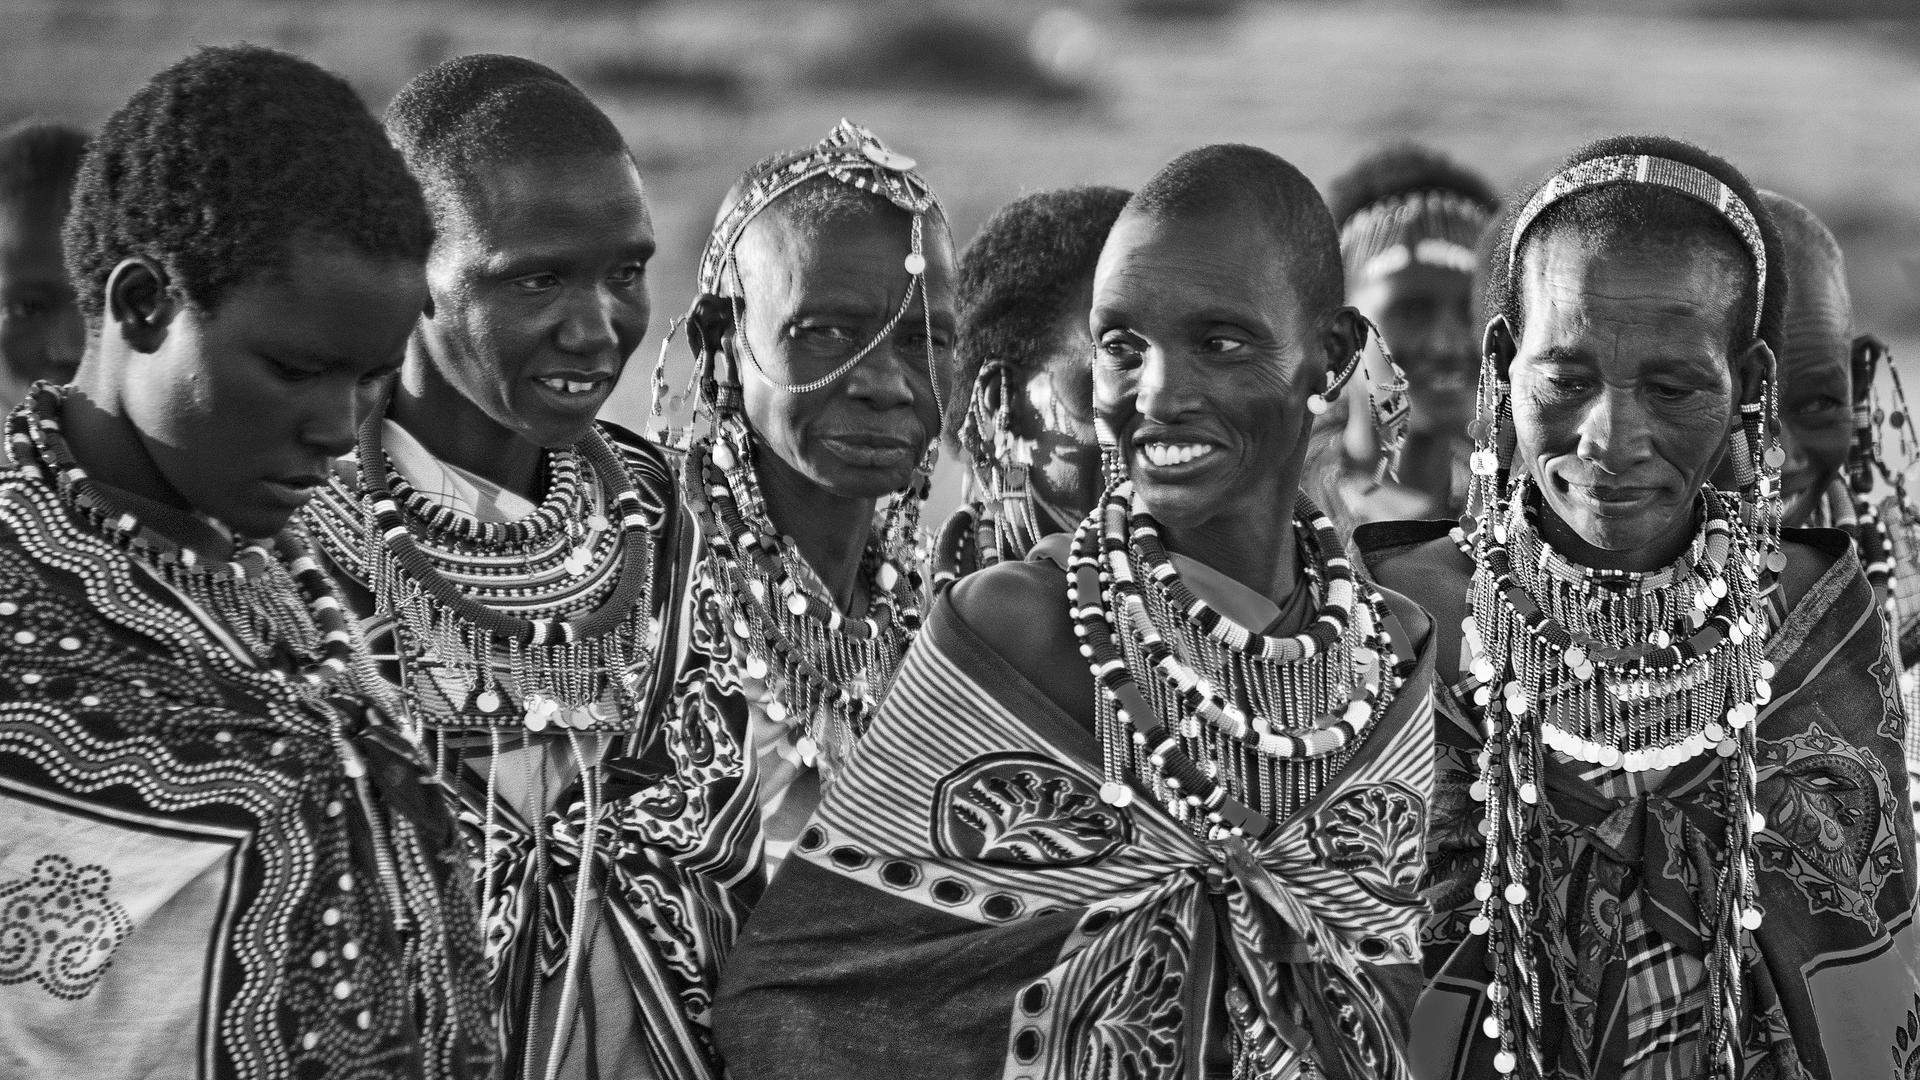 Свадебные драгоценности, © Хизер Аллен, 5 место зрительного голосования, Фотофестиваль FIX